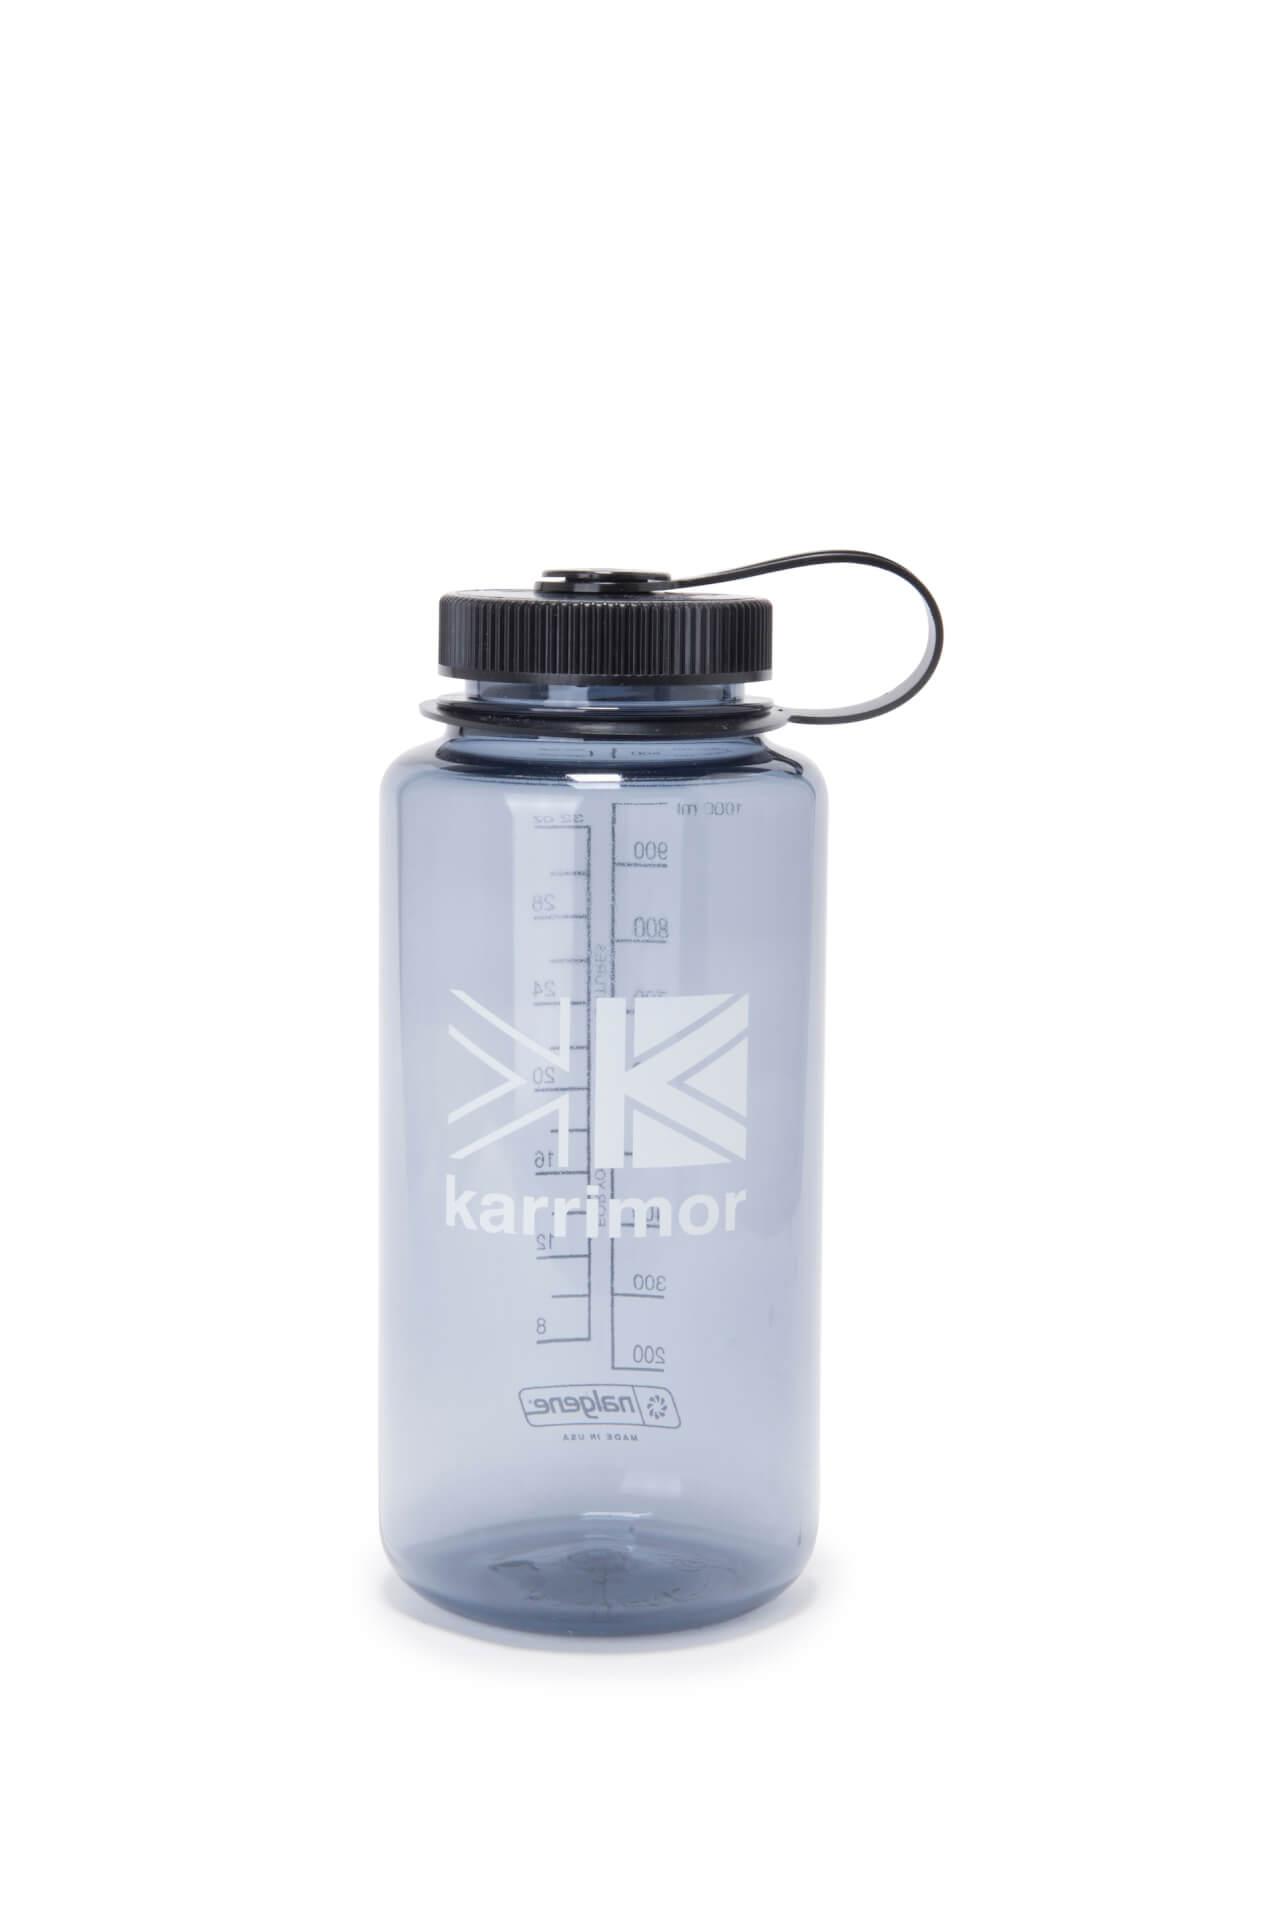 カリマーが無料給水サービスにも利用できるボトルを発売!Nalgenとのコラボアイテム life210601_karrimor_bottle_11